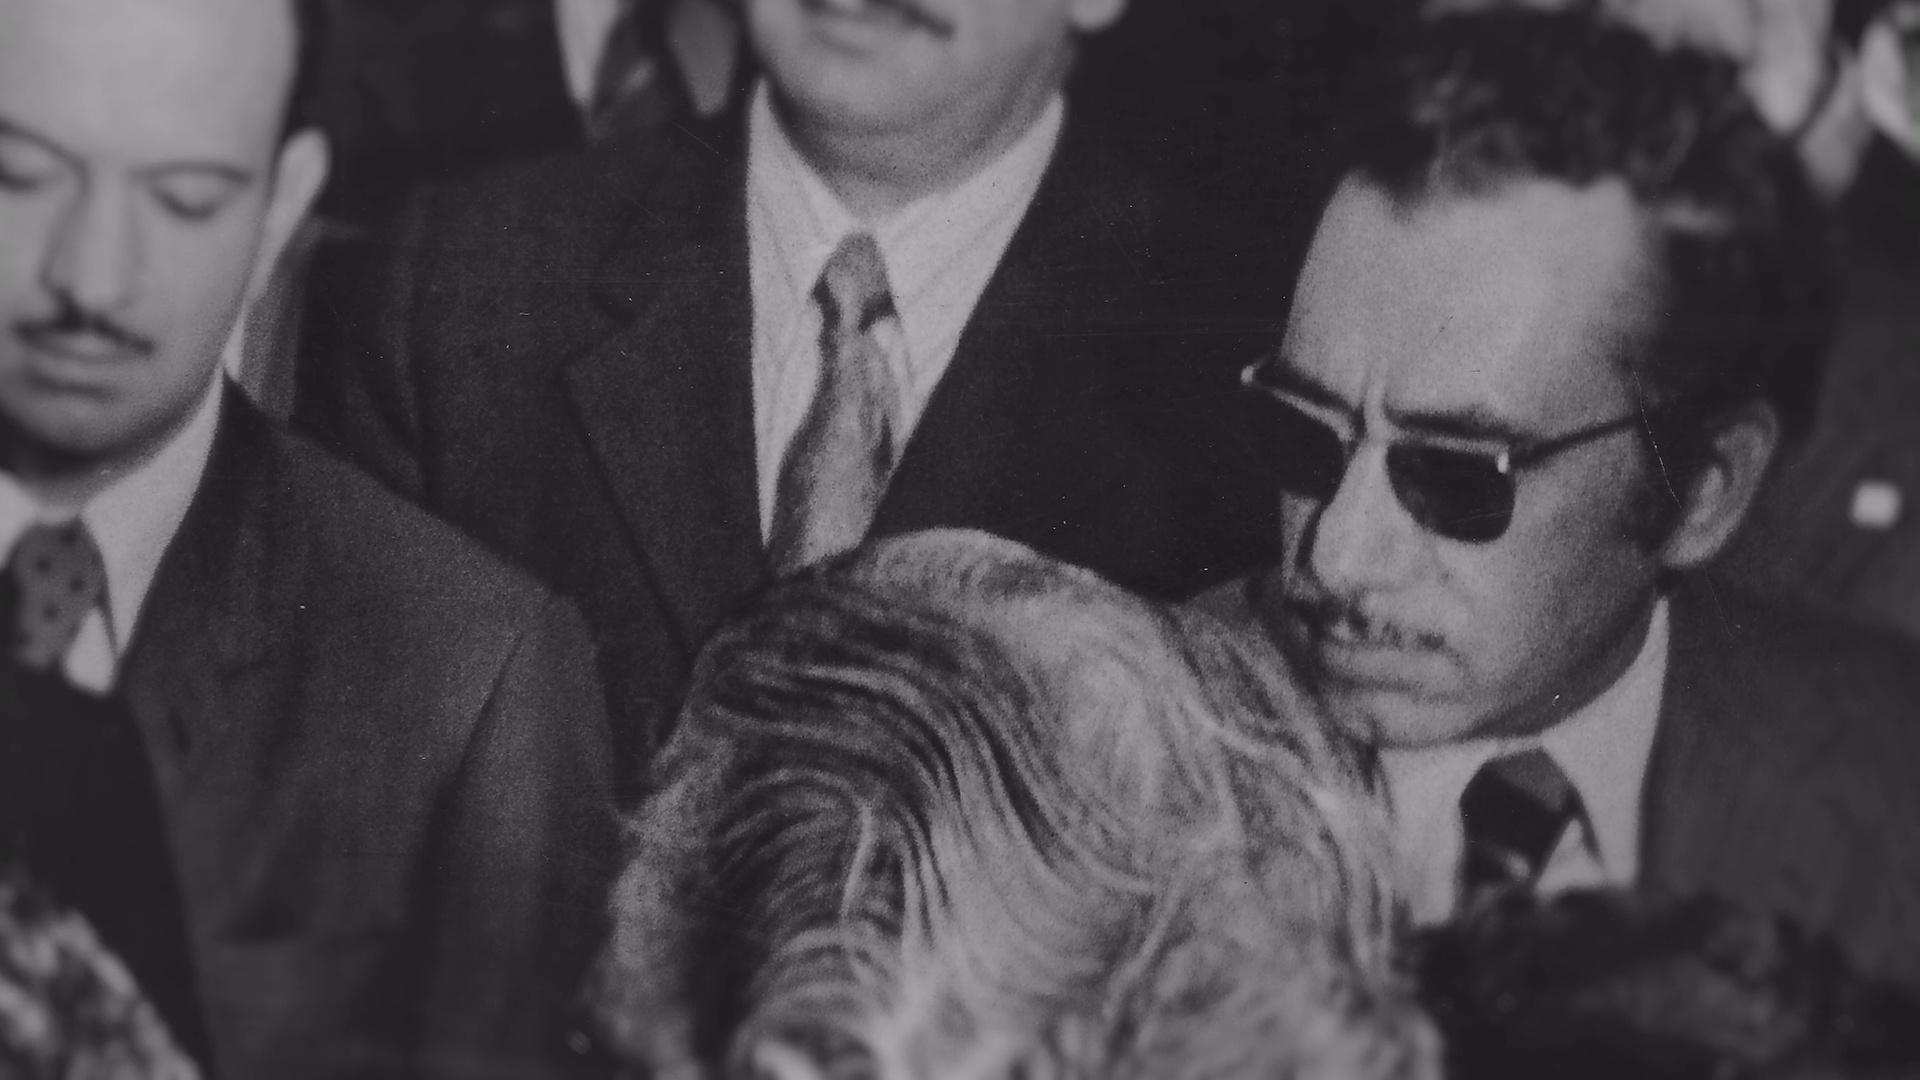 Red privada: ¿Quién mató a Manuel Buendía? (2021) 1080p WEB-DL Latino